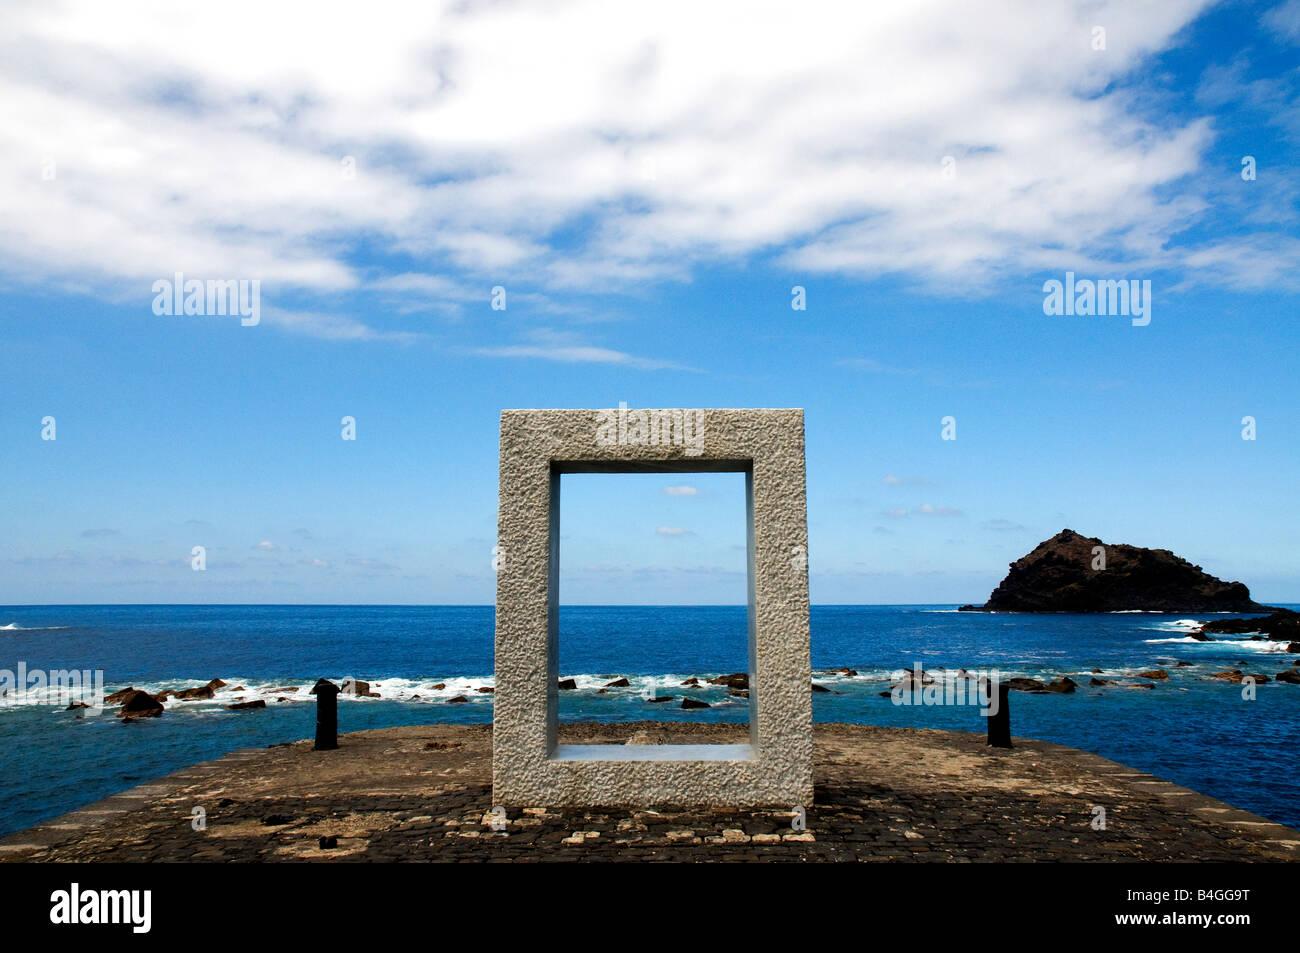 Tensei Tenmoku (Tür ohne Tür) des japanischen Künstlers Kan Yasuda in Garachico, Teneriffa, Kanarische Inseln, Spanien Stockfoto